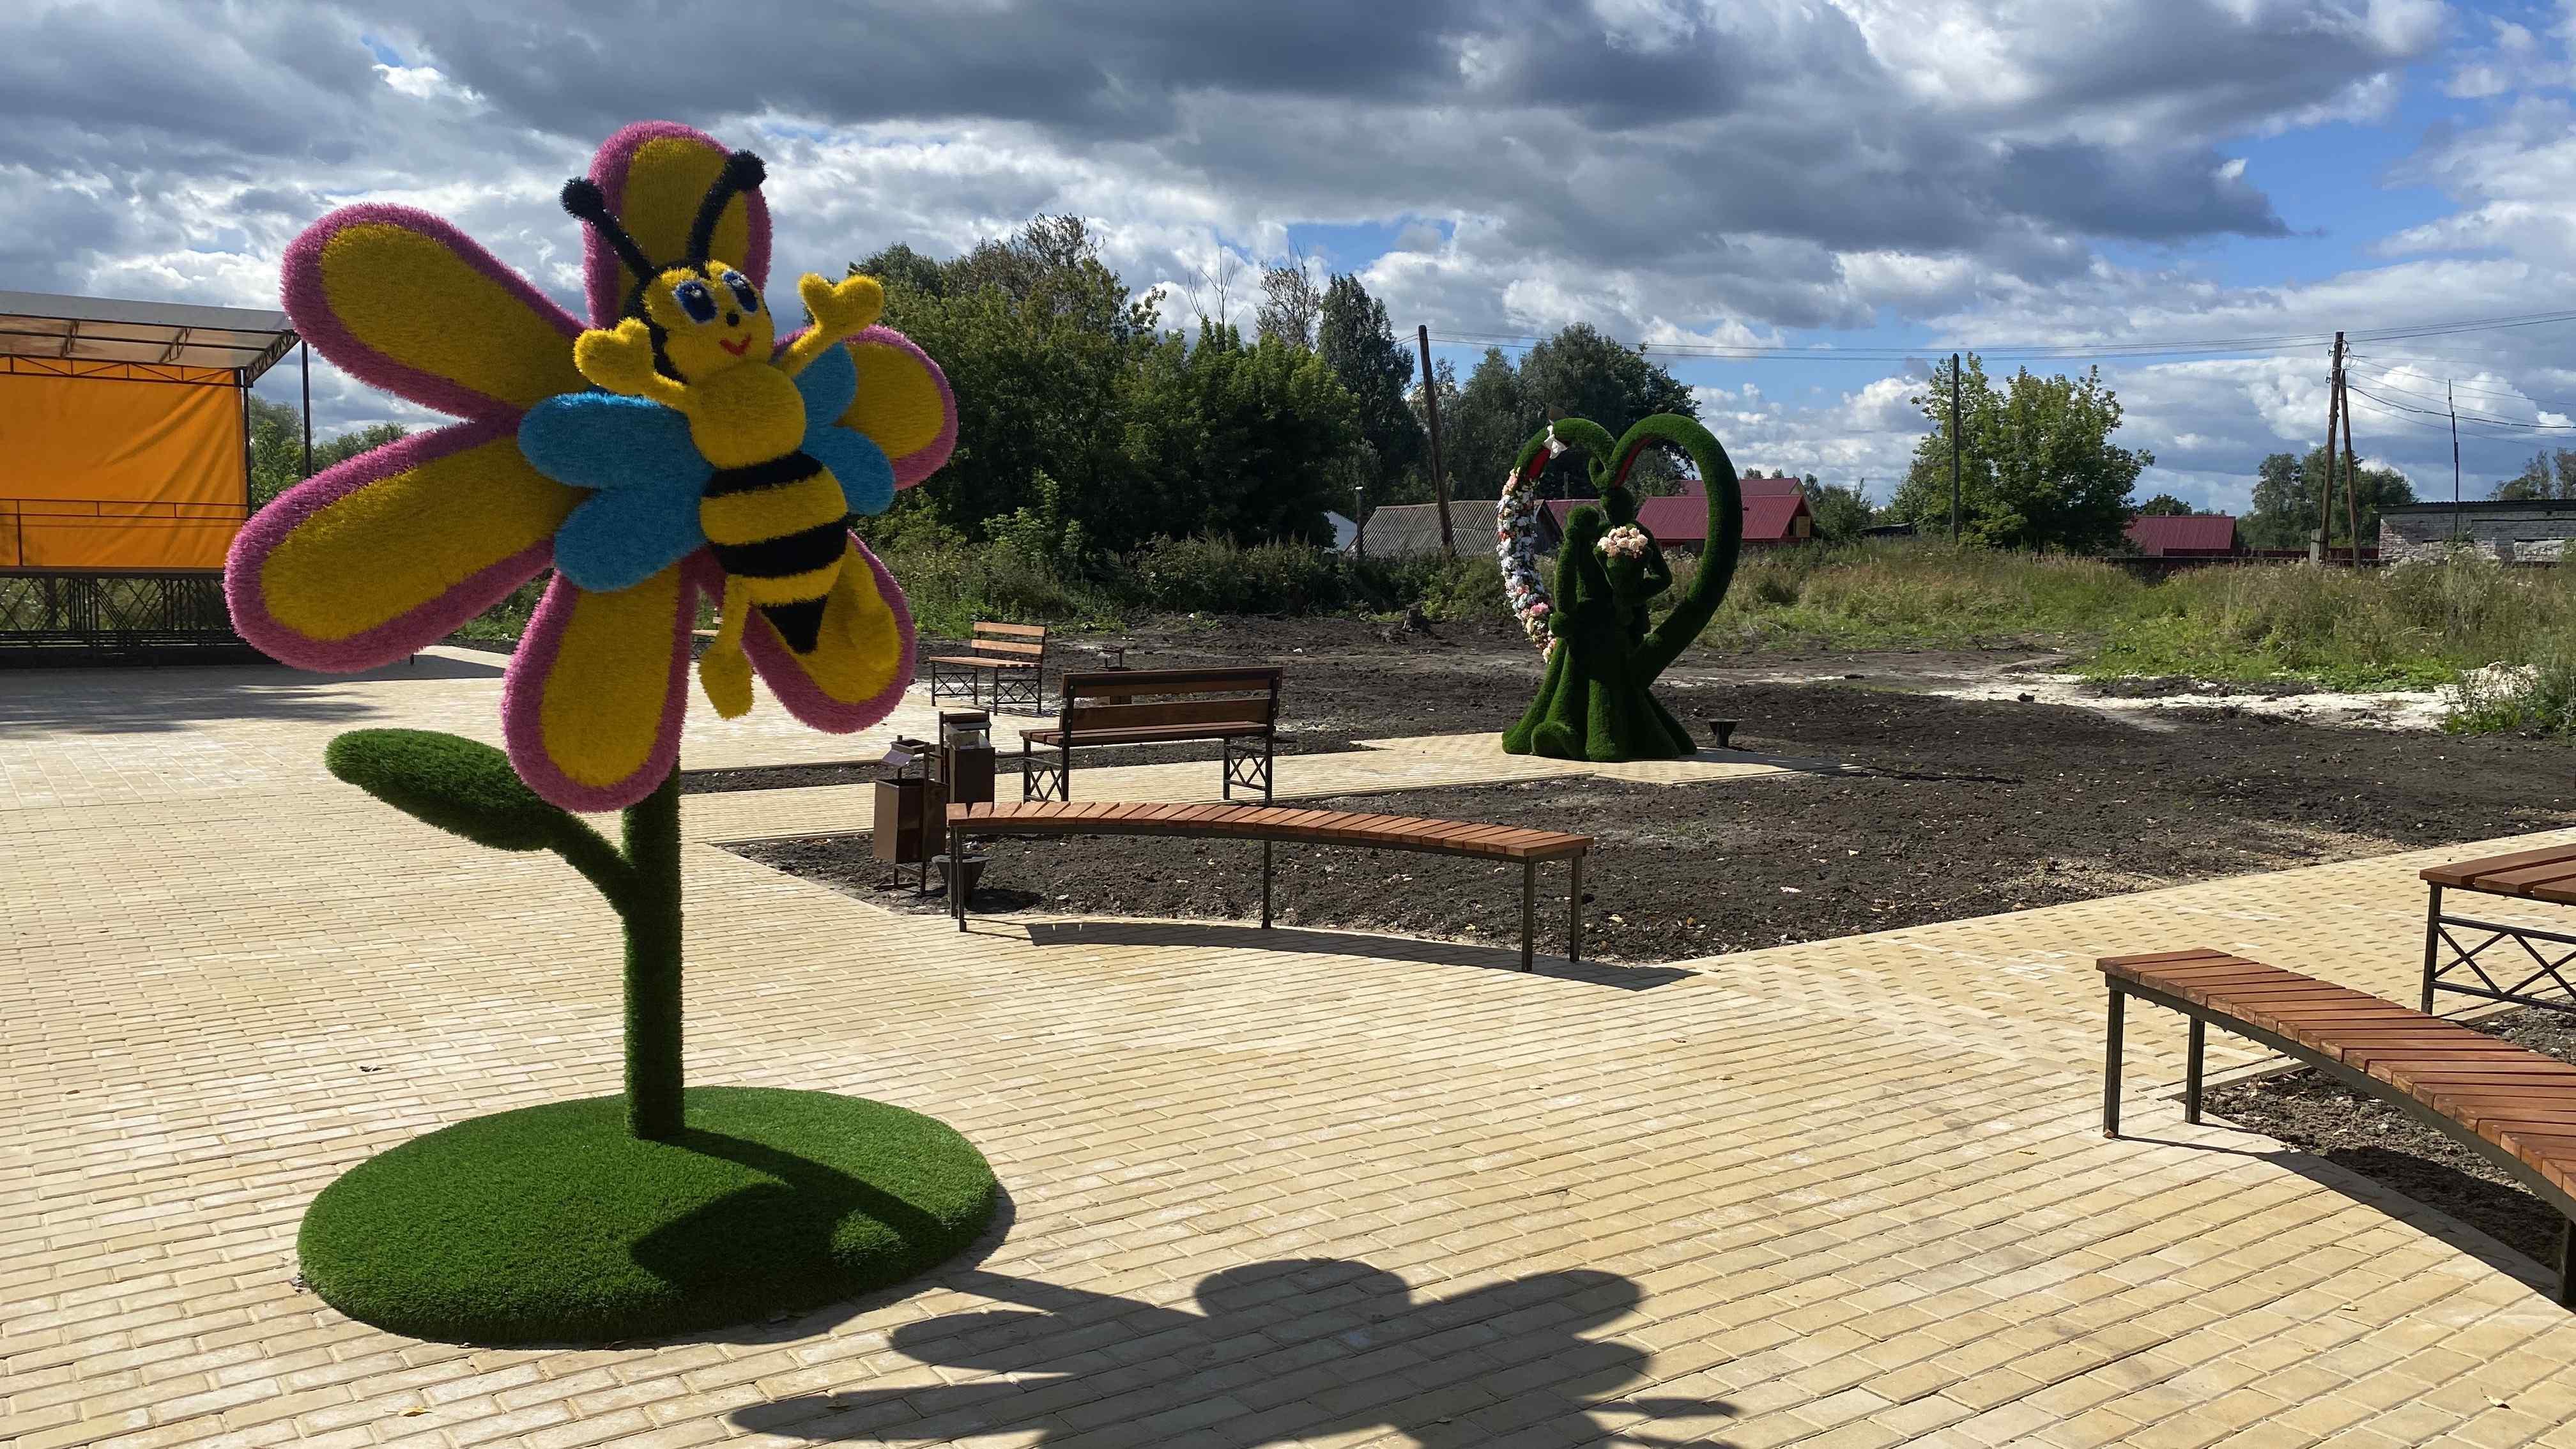 Парк «Золотая пчела» появился в селе Чернуха Арзамасского района